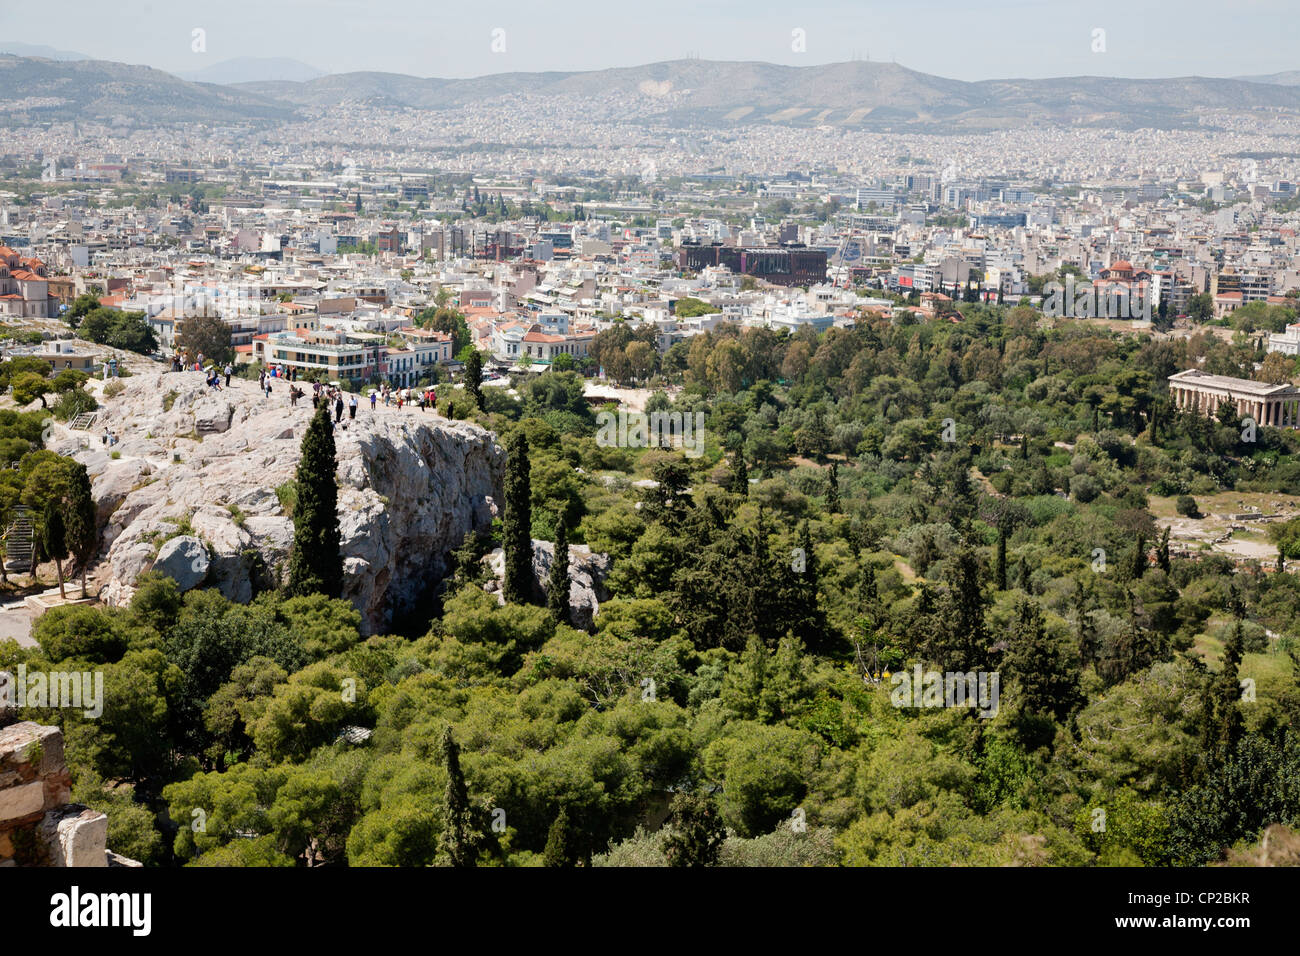 El areópago Hill y el Templo de Hefesto, visto desde la Acrópolis. Atenas, Grecia. Imagen De Stock